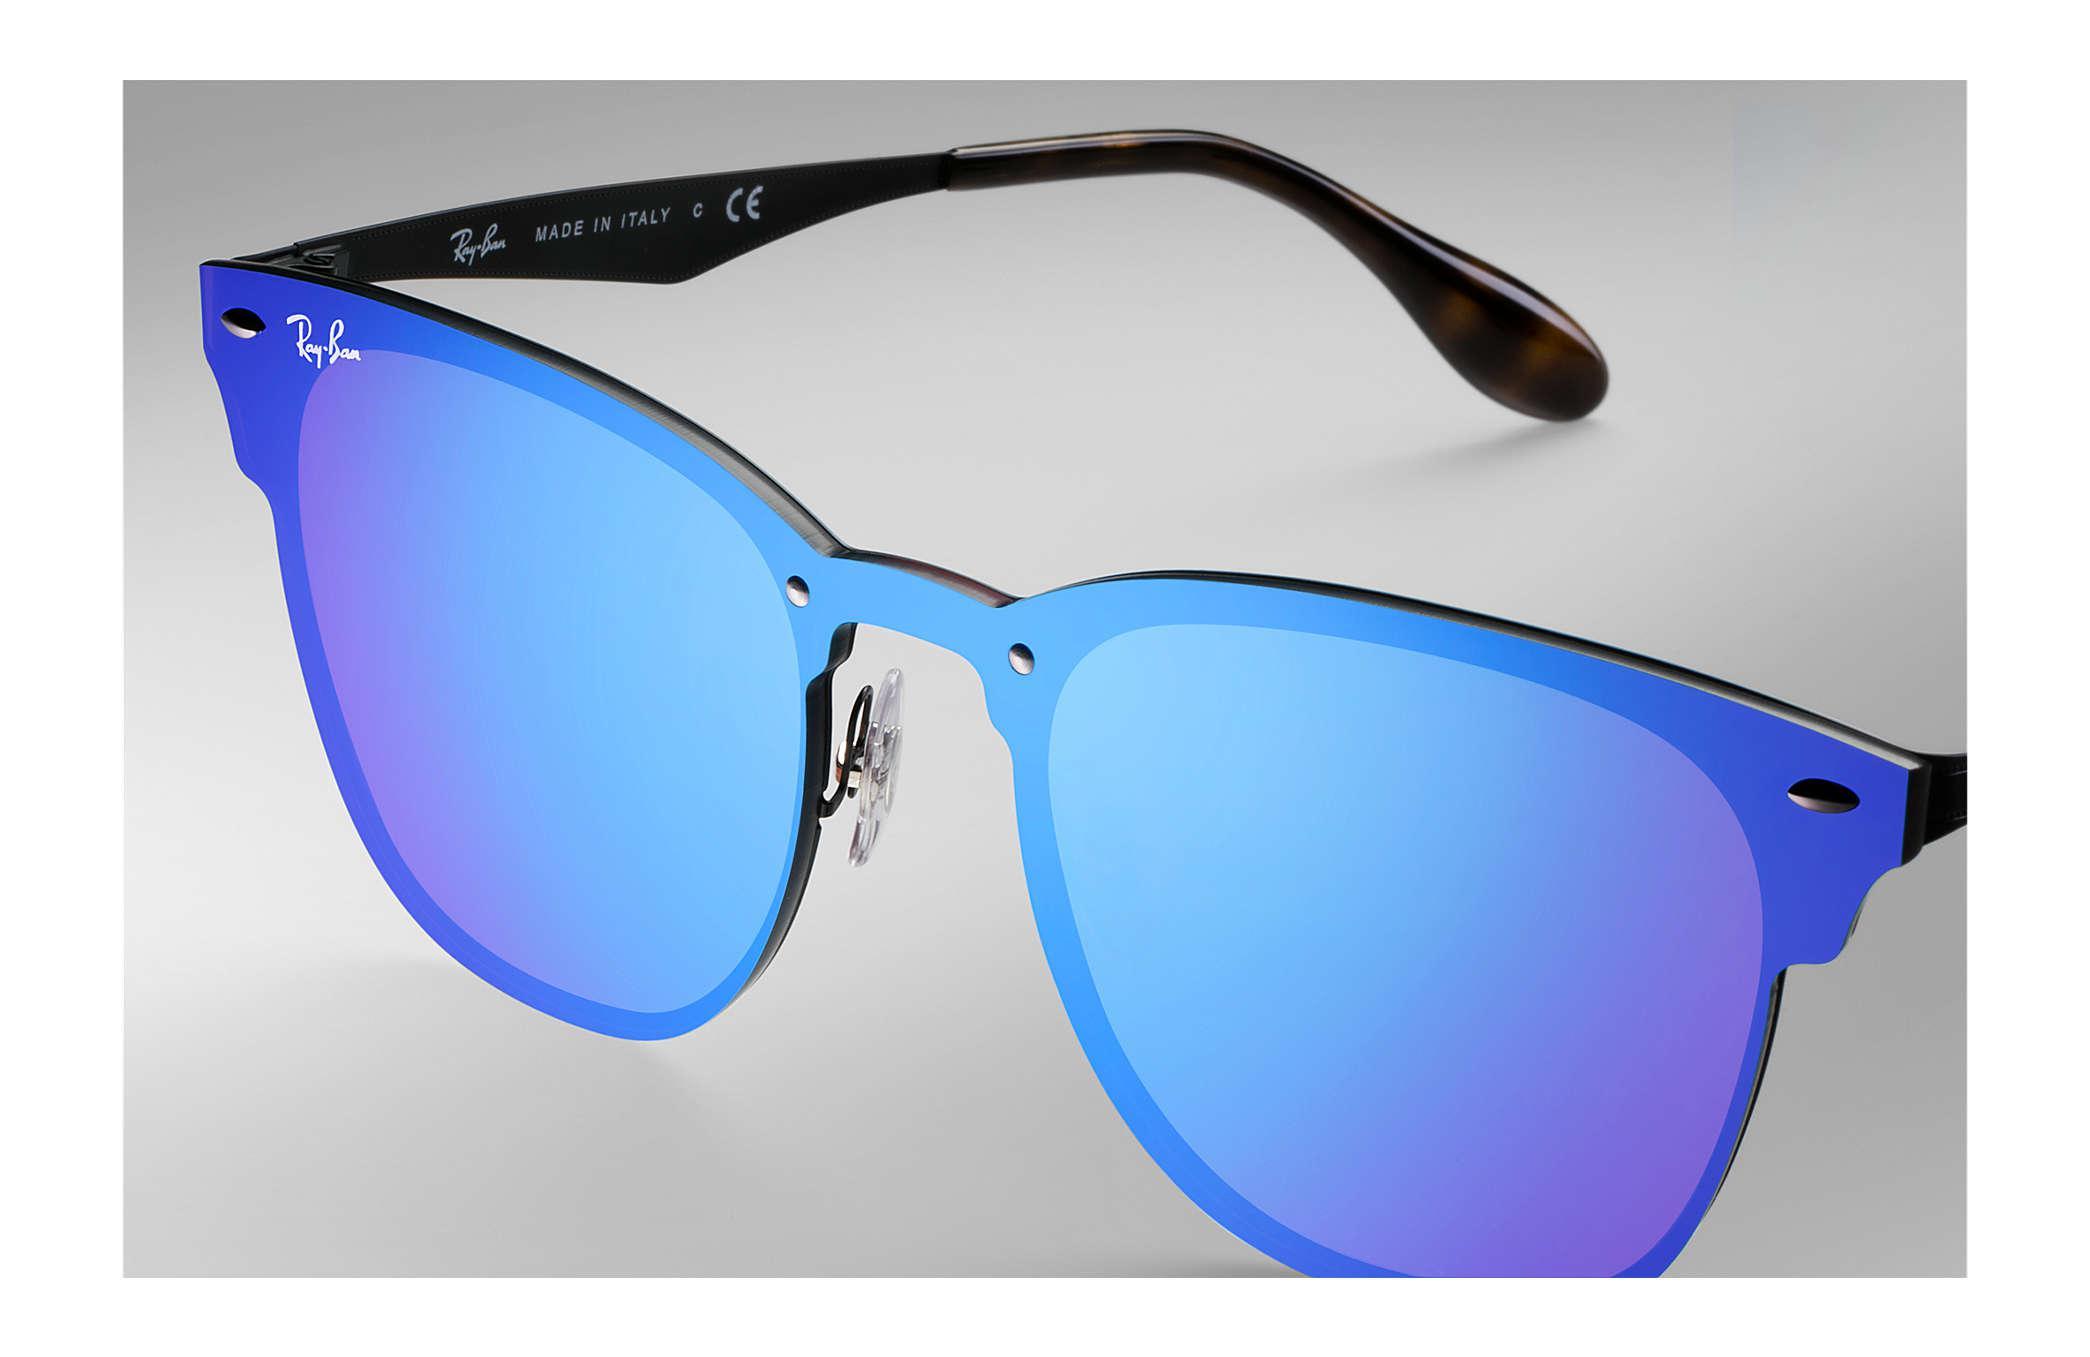 9f046097a9485 ... cheap gafas de sol ray ban blaze wayfarer sunglasses lente cristal ray  ban blaze wayfarer sunglasses ...